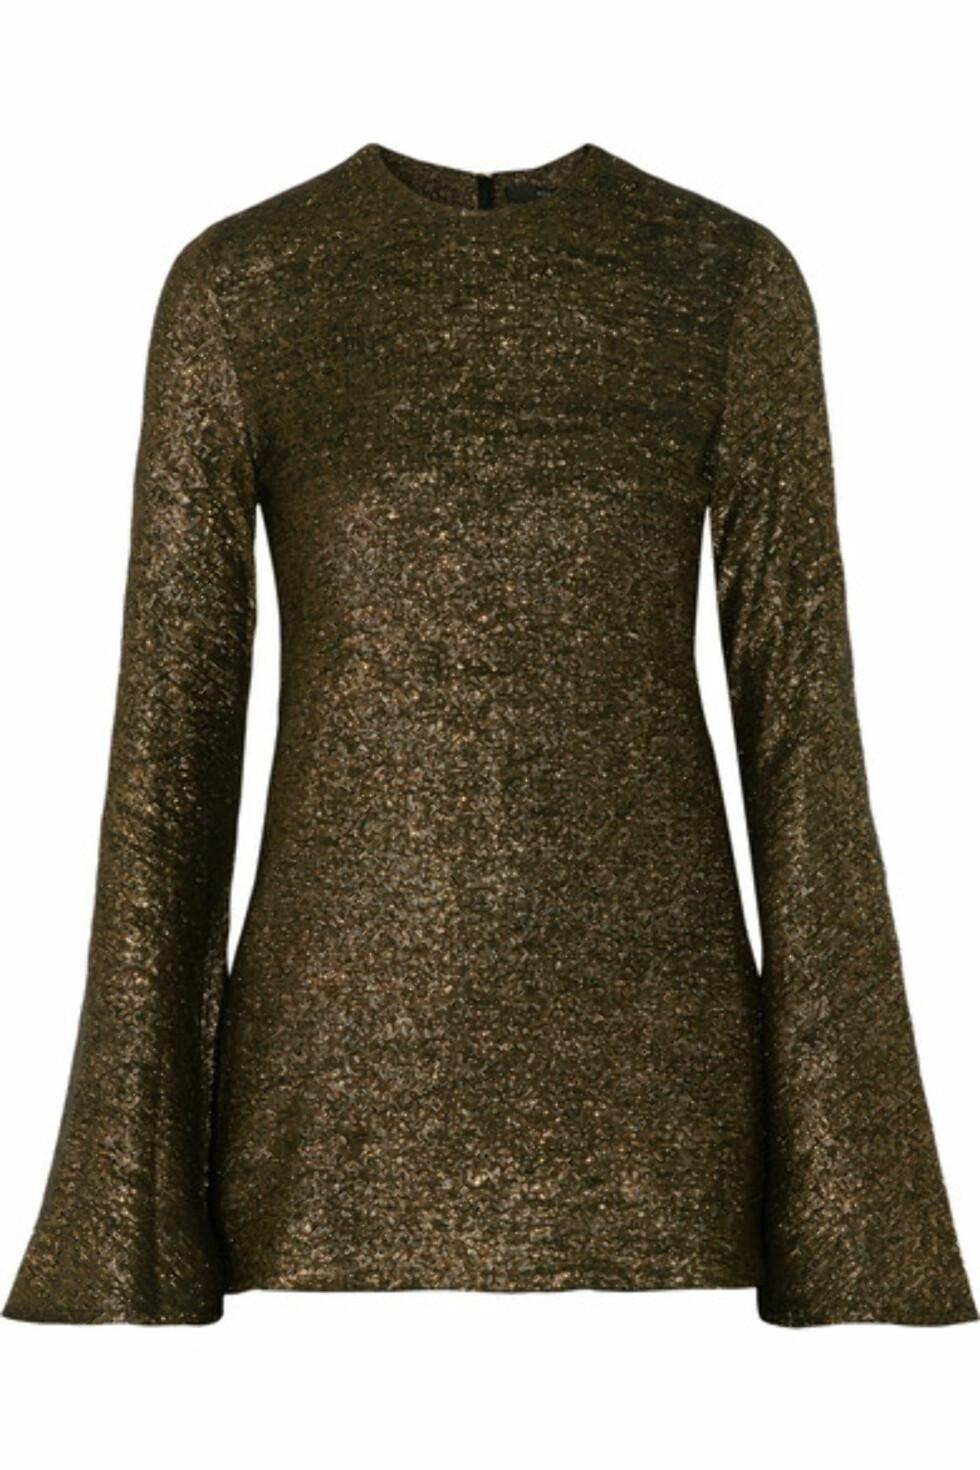 Topp fra Ellery via Net-a-porter.com | kr 5324 | https://www.net-a-porter.com/no/en/product/756487/ellery/inception-metallic-knitted-sweater